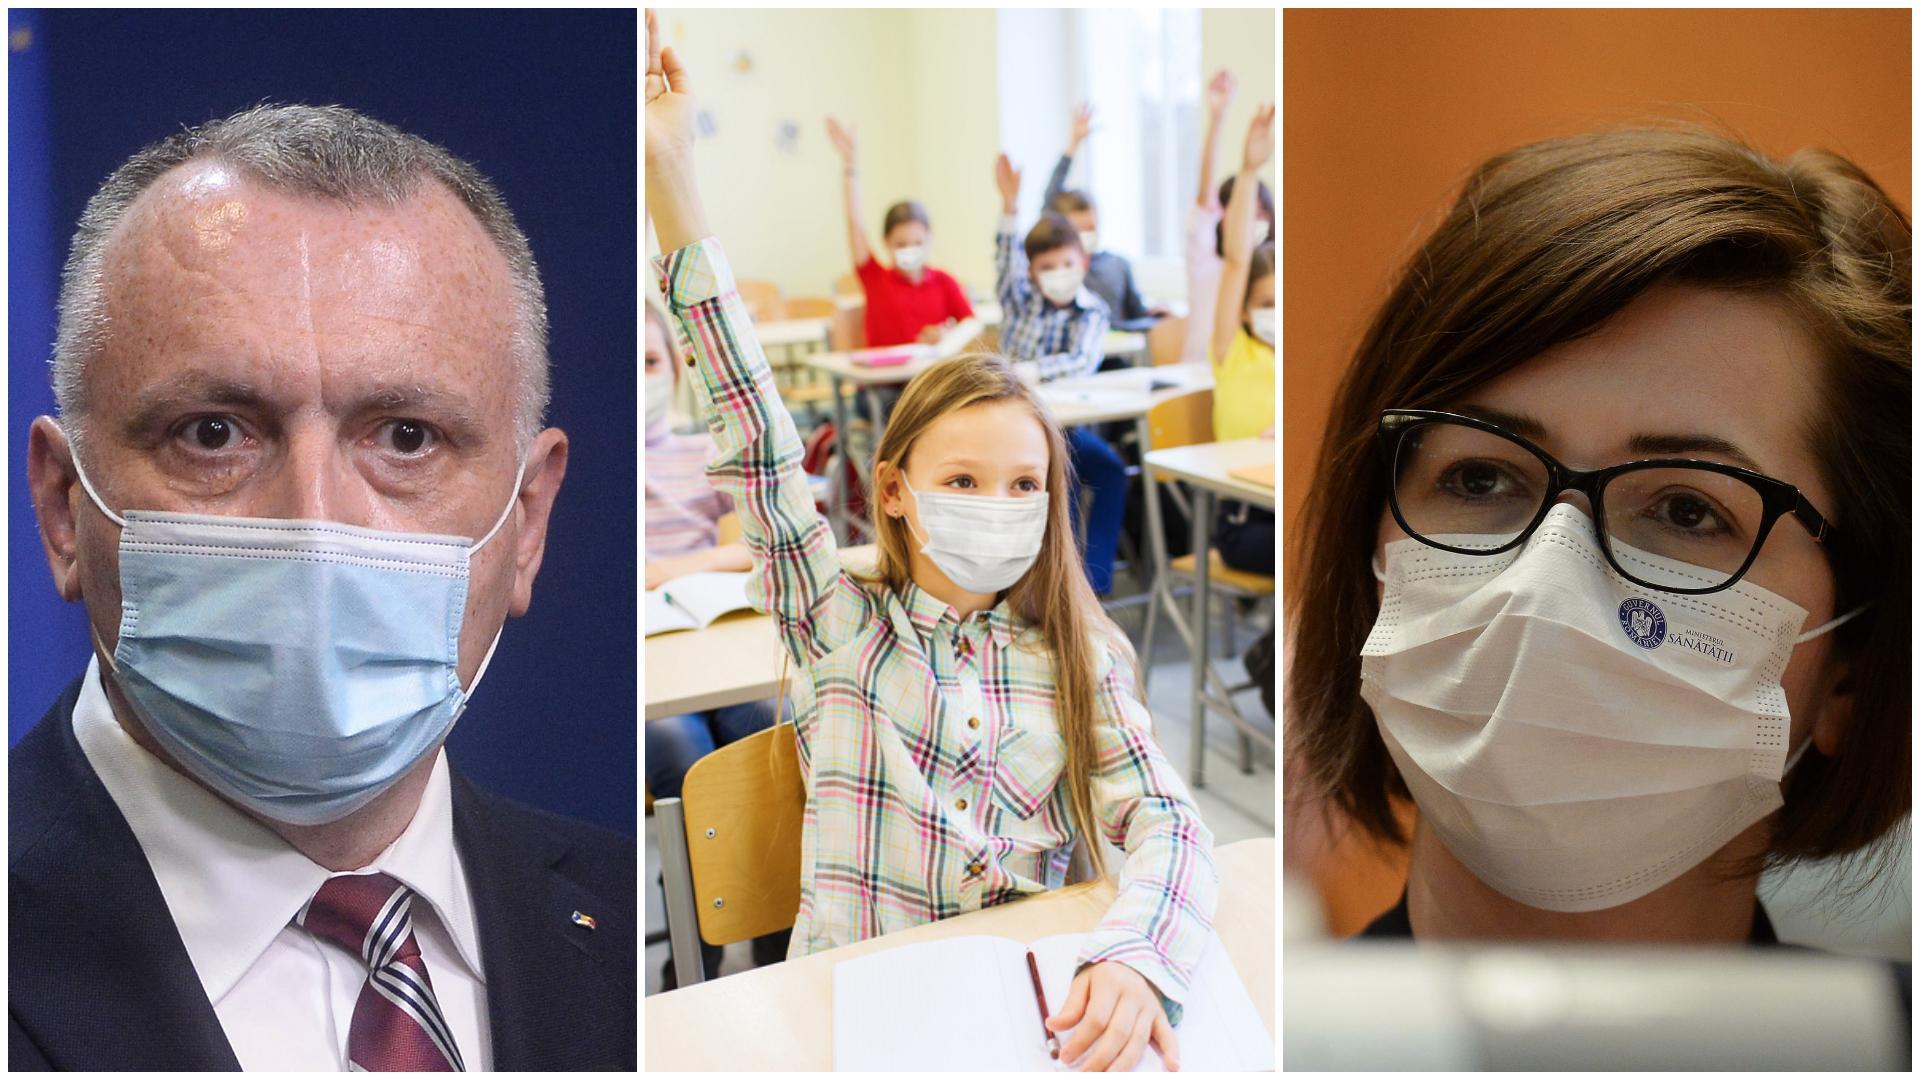 Ce se va întâmpla dacă într-o sală de clasă va apărea un caz de Covid-19. Regulamentul începutului de an școlar